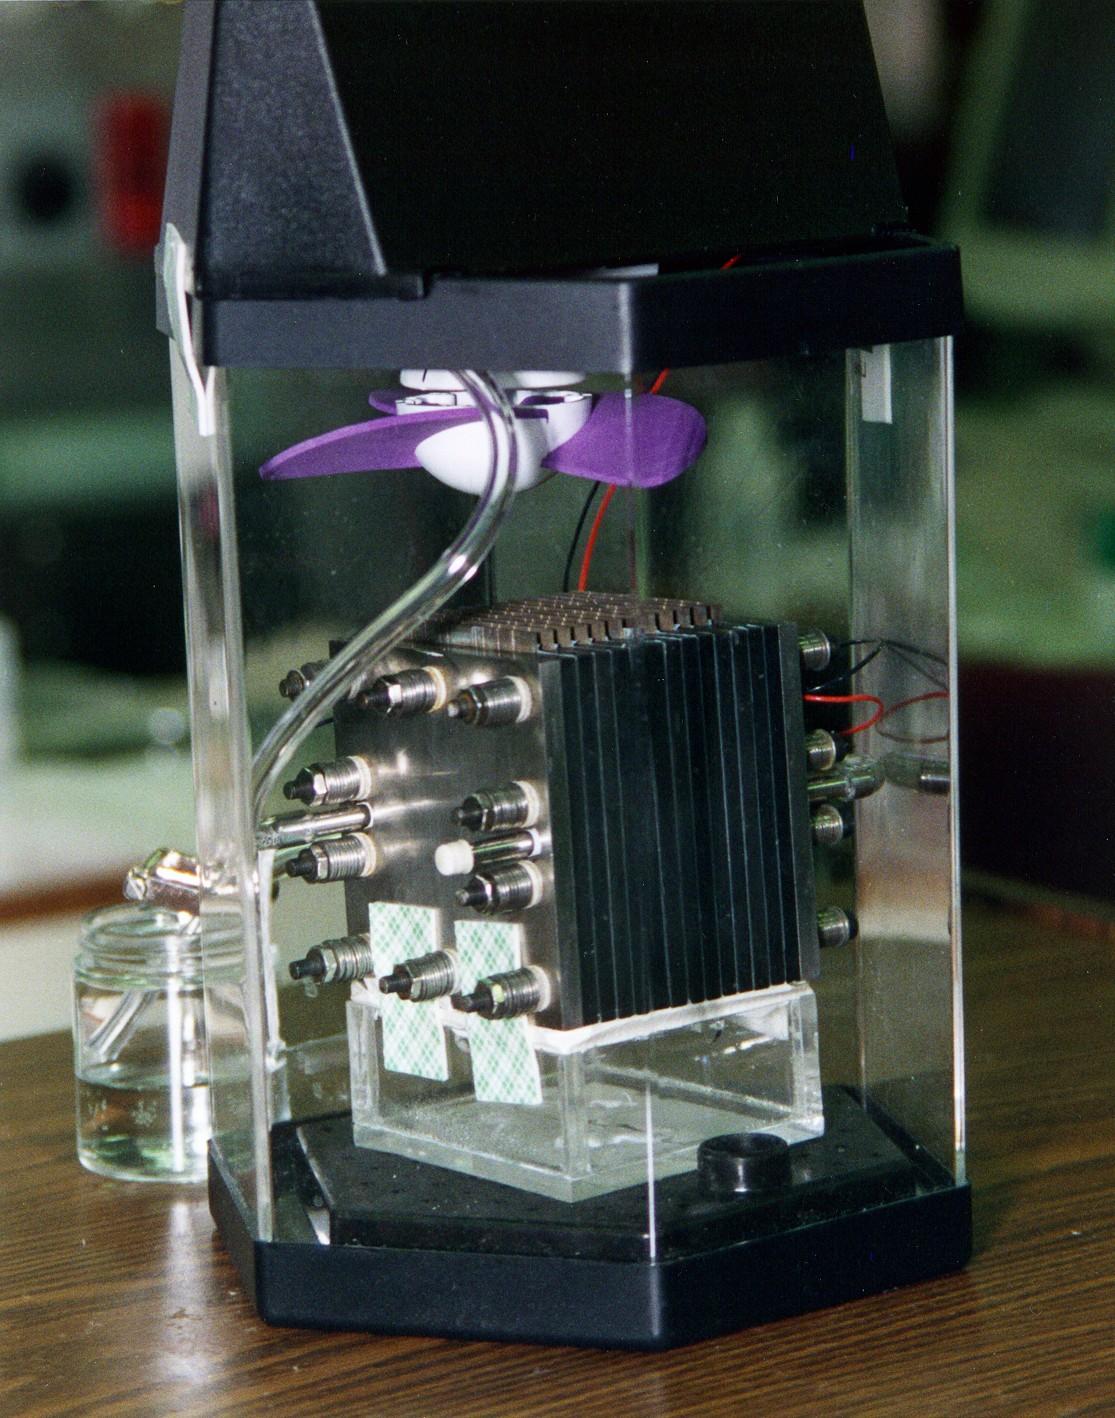 nasa fuel cells-#4